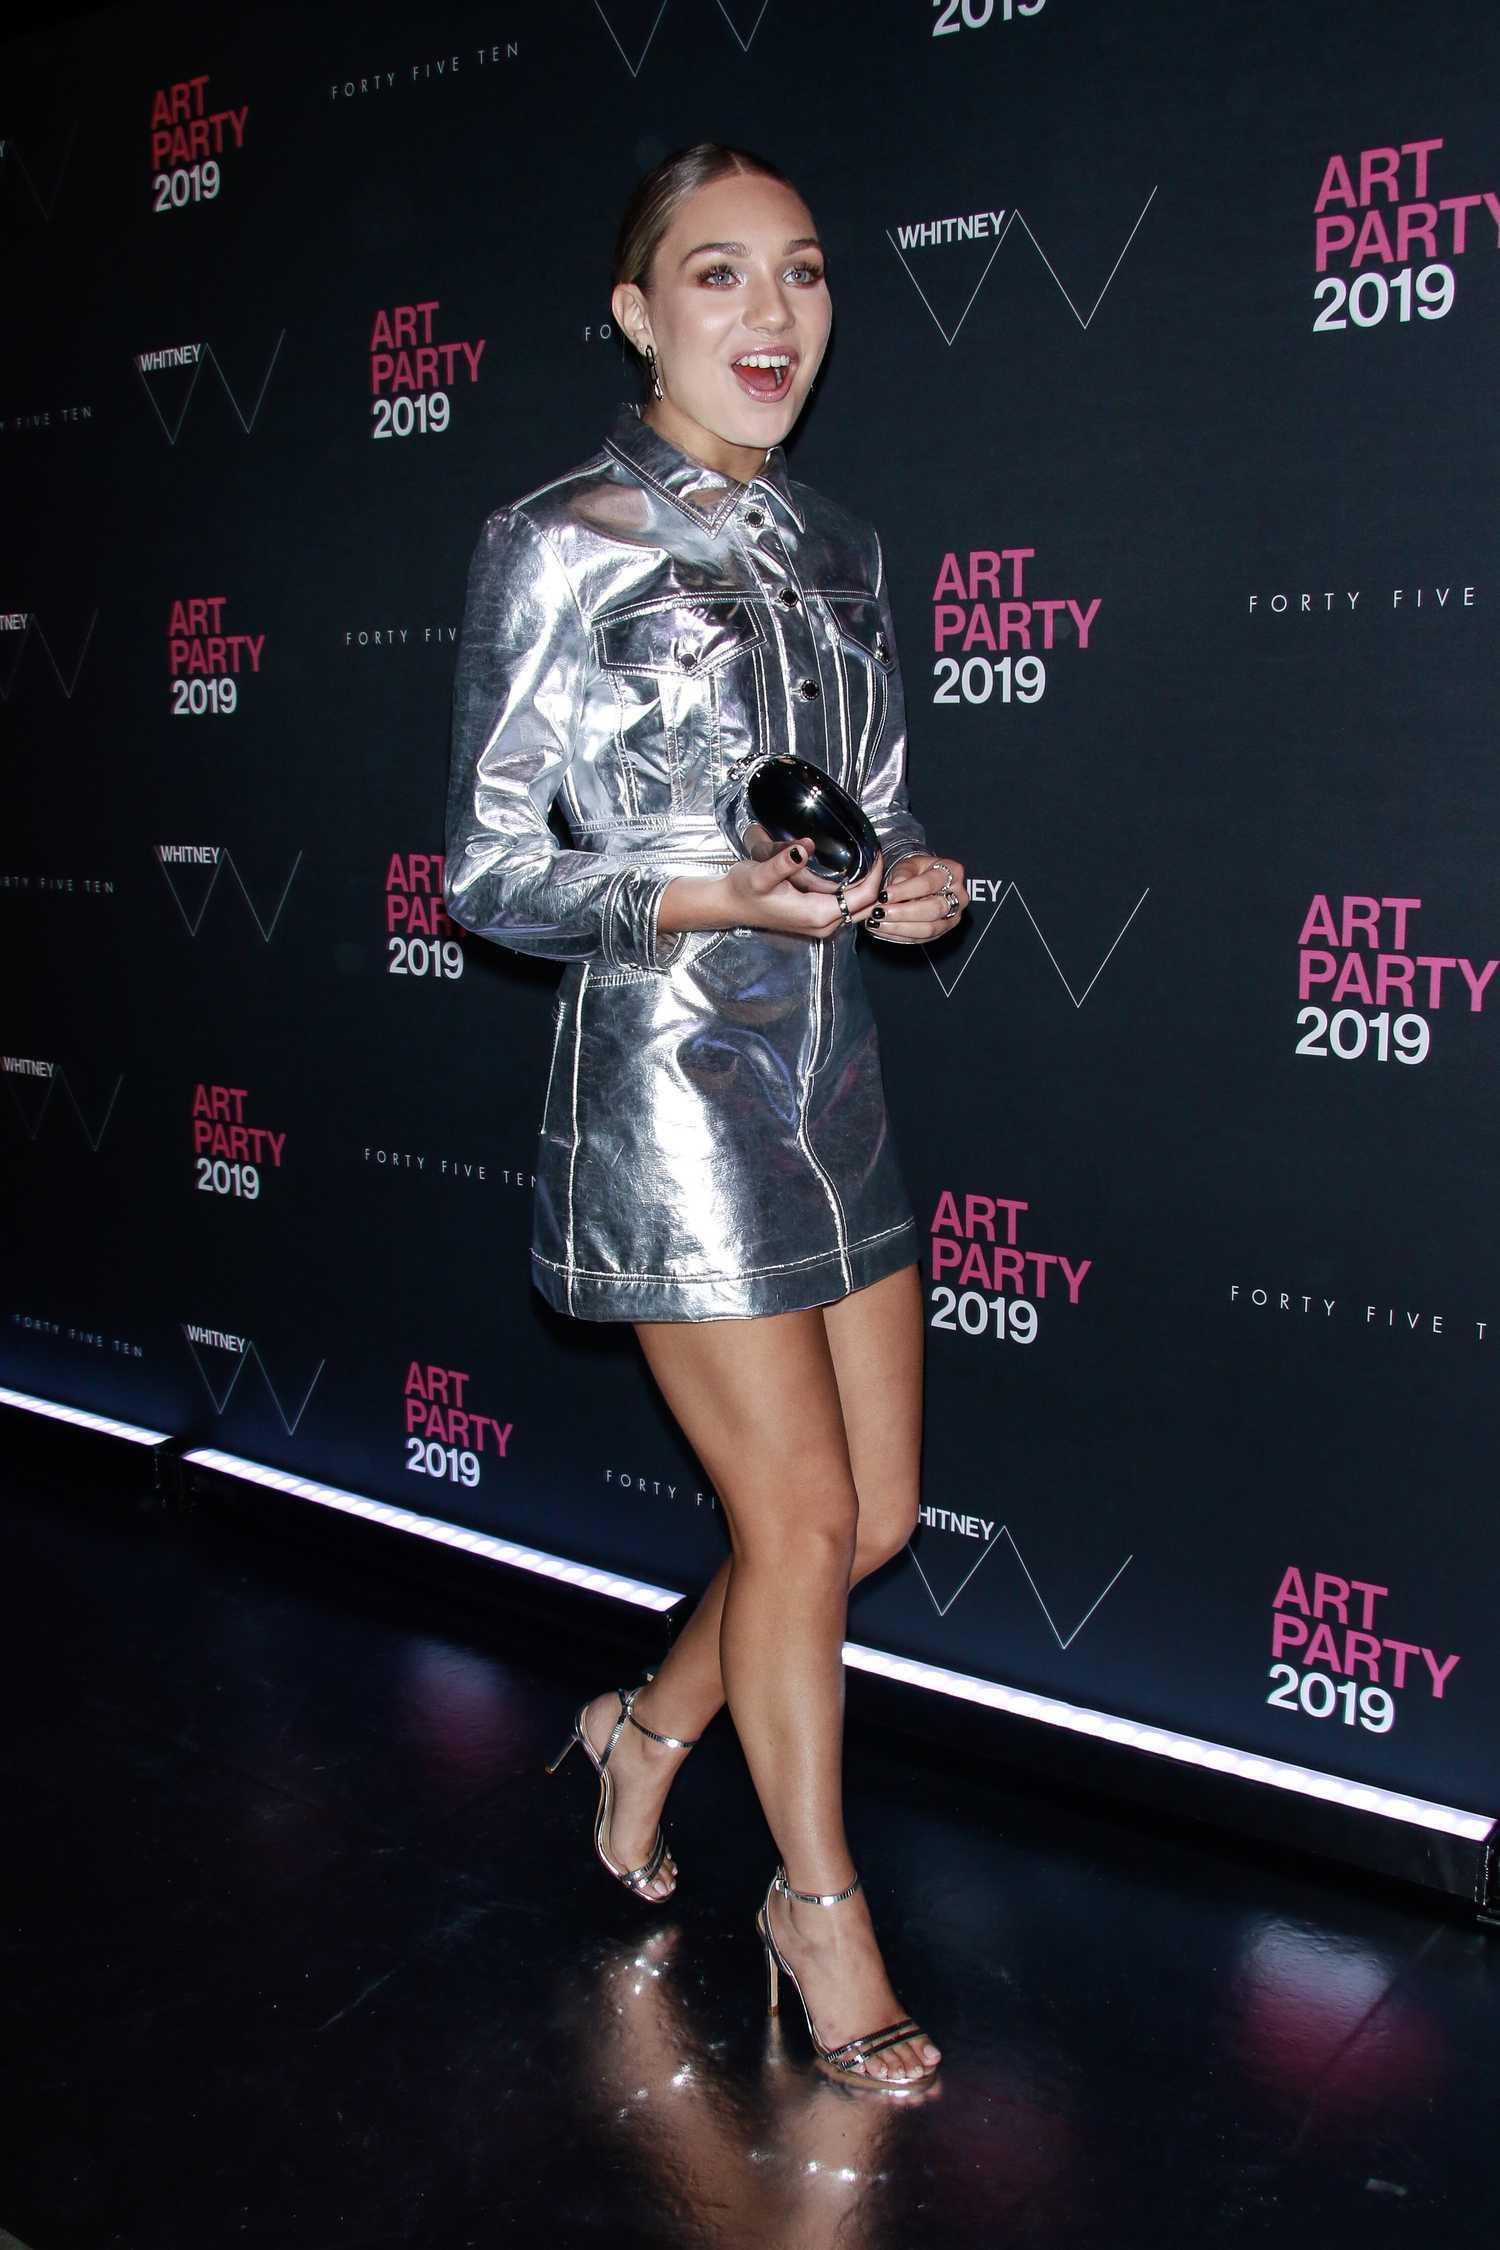 Maddie Ziegler Attnds Whitney Art Party In New York